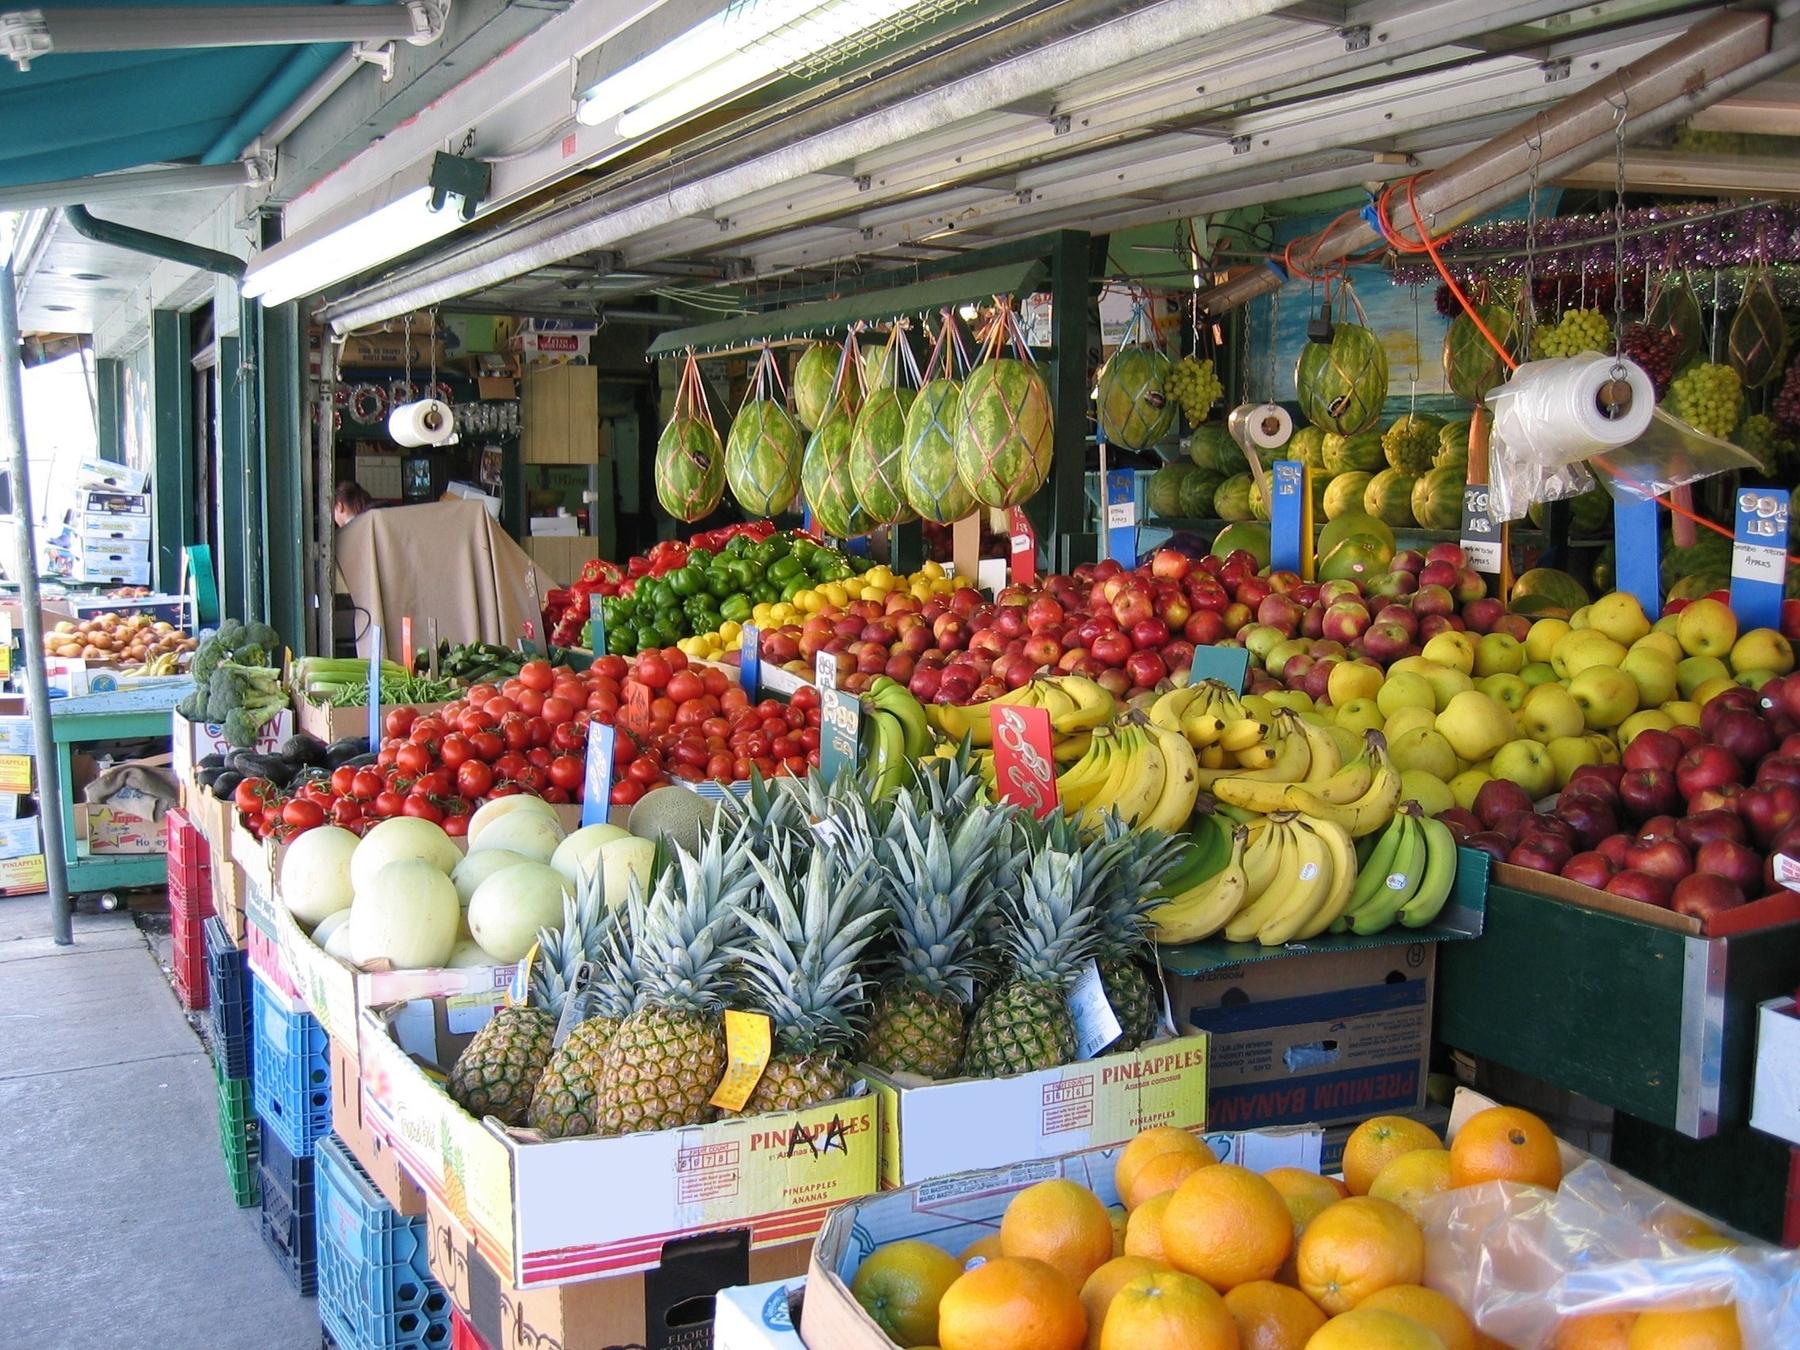 boxes of various fruits at kensington market